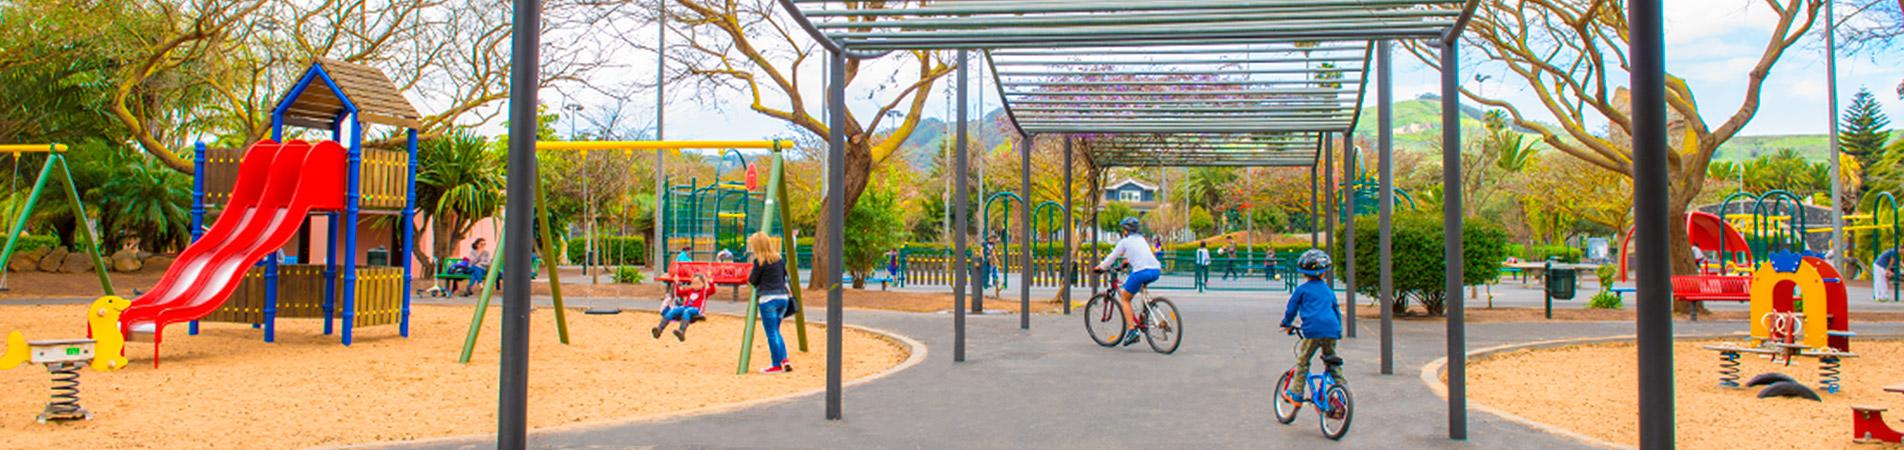 Niños en bicicleta y columpiandose en el parque de La Vega de San Cristobal de La Laguna